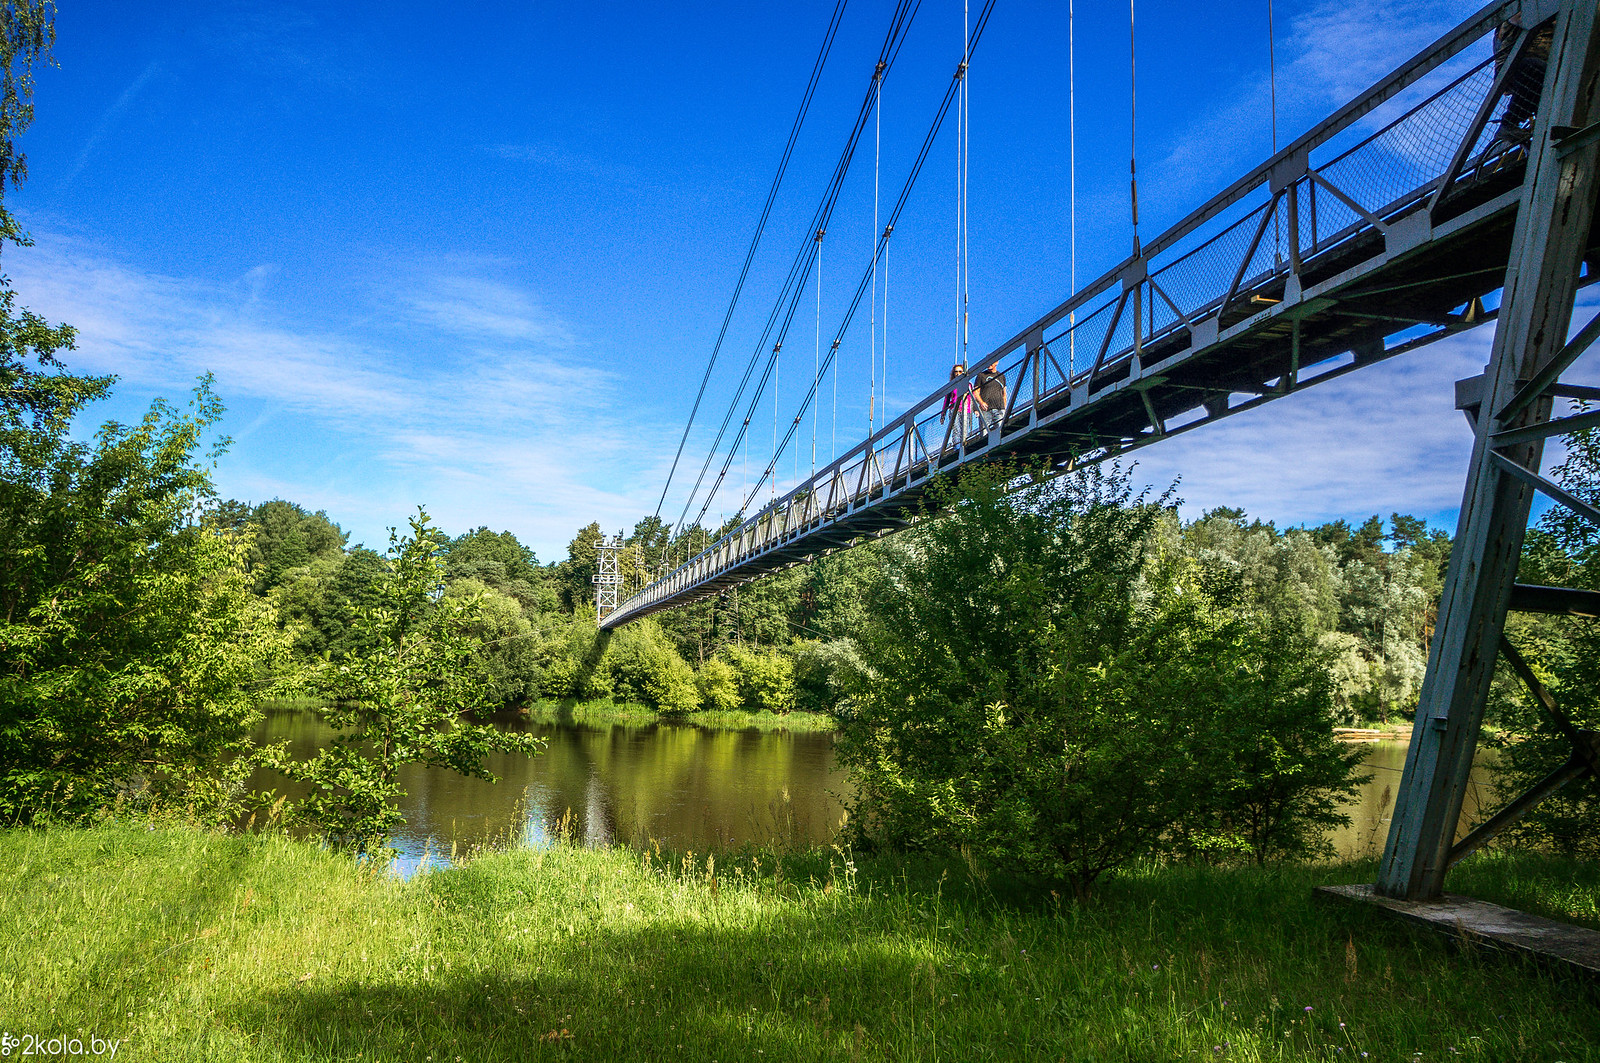 35453795870 584858b095 h - Велопокатушка: Мосты - Гродно